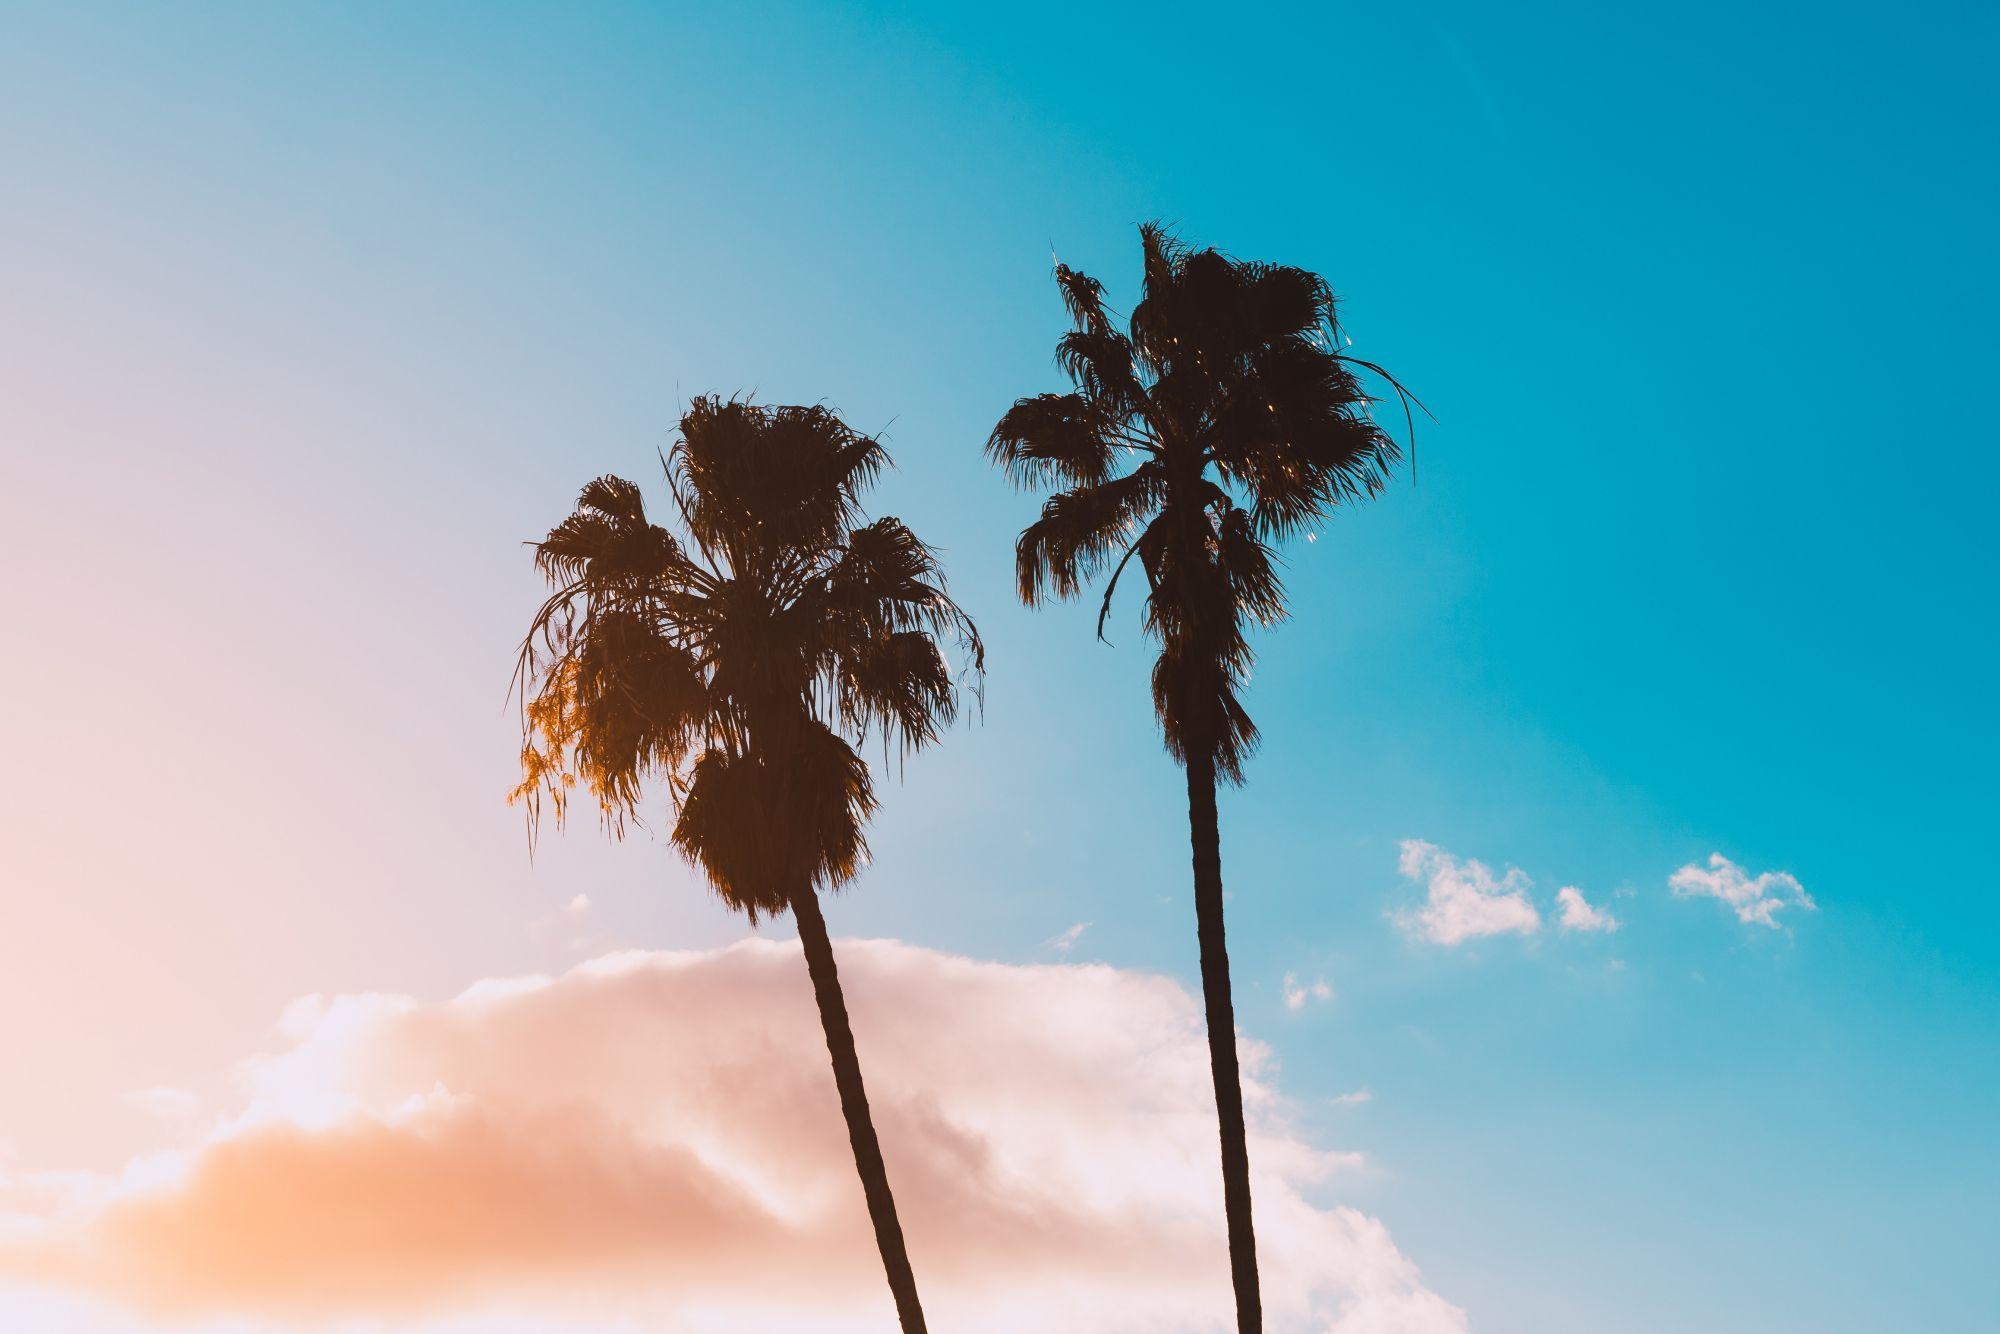 Cây dừa trên bãi biển mùa hè